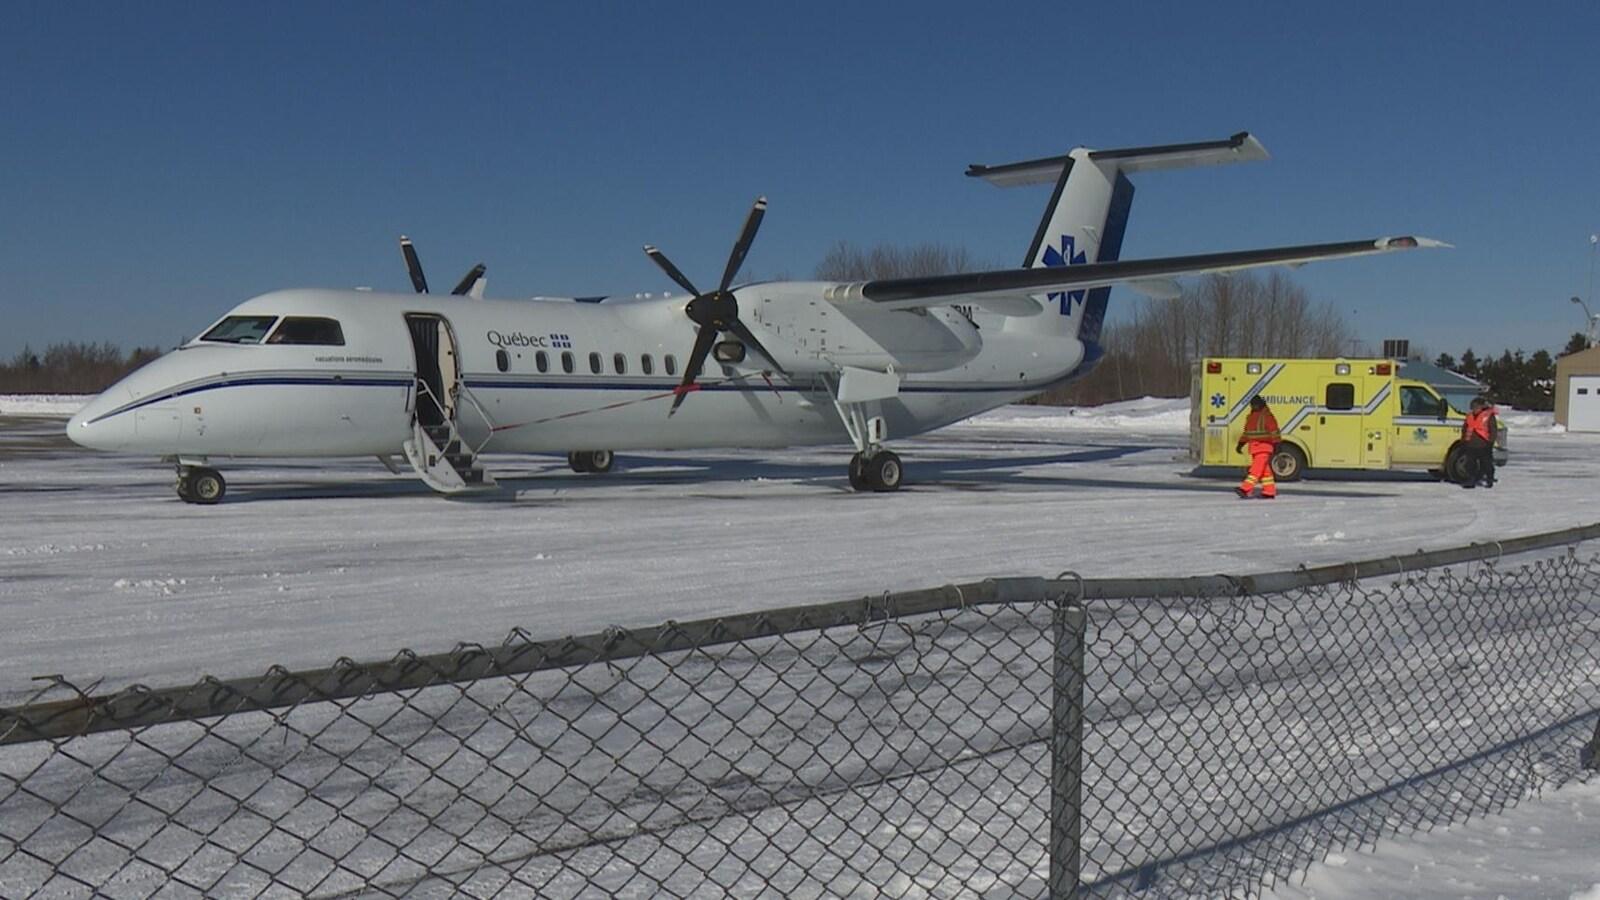 Un avion-ambulance du gouvernement du Québec